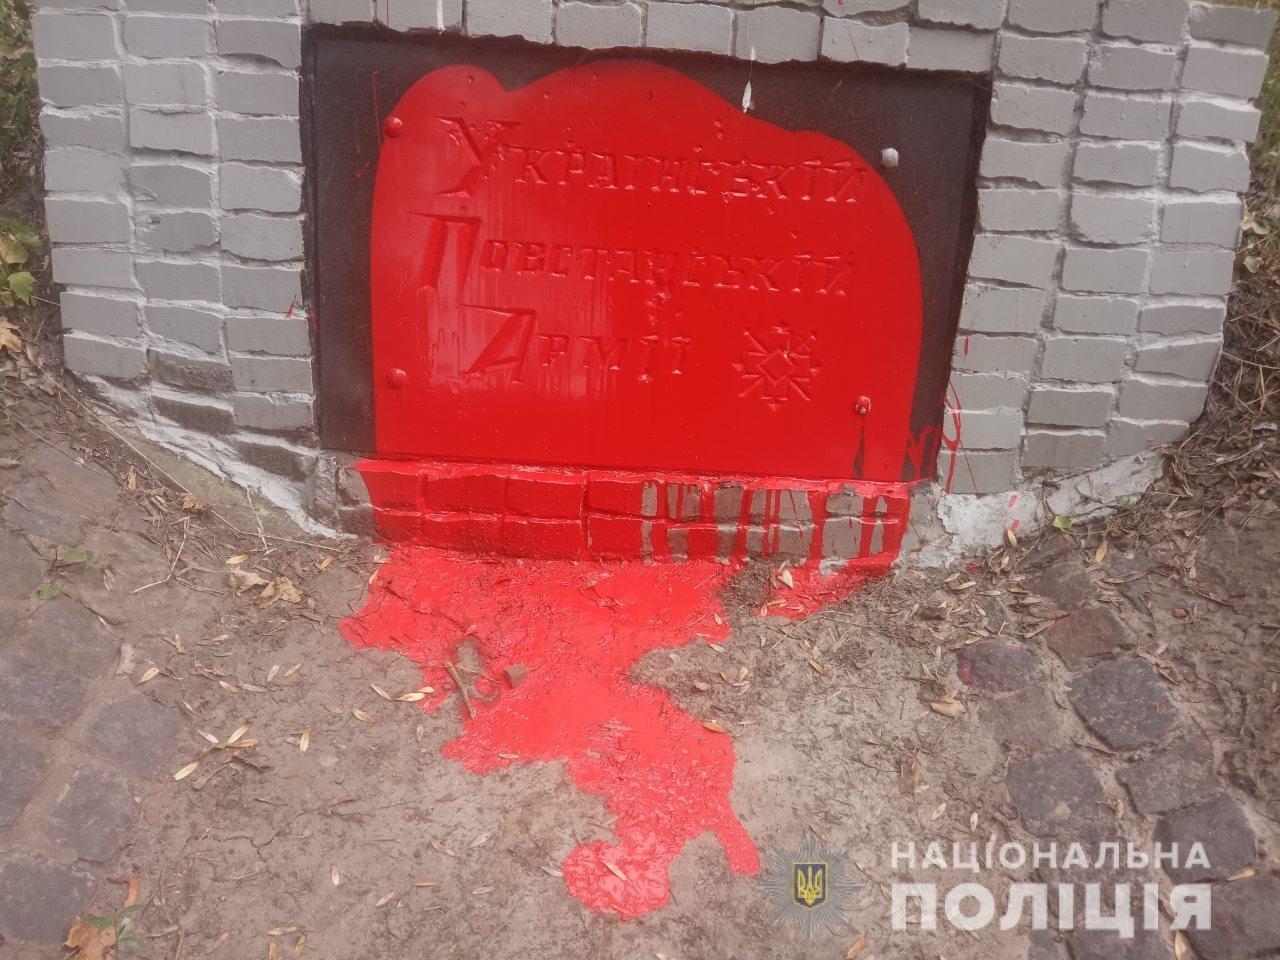 Взрыв банкомата и суд по избиению Макарюка: самые важные события за прошедшую неделю, - ФОТО, фото-1